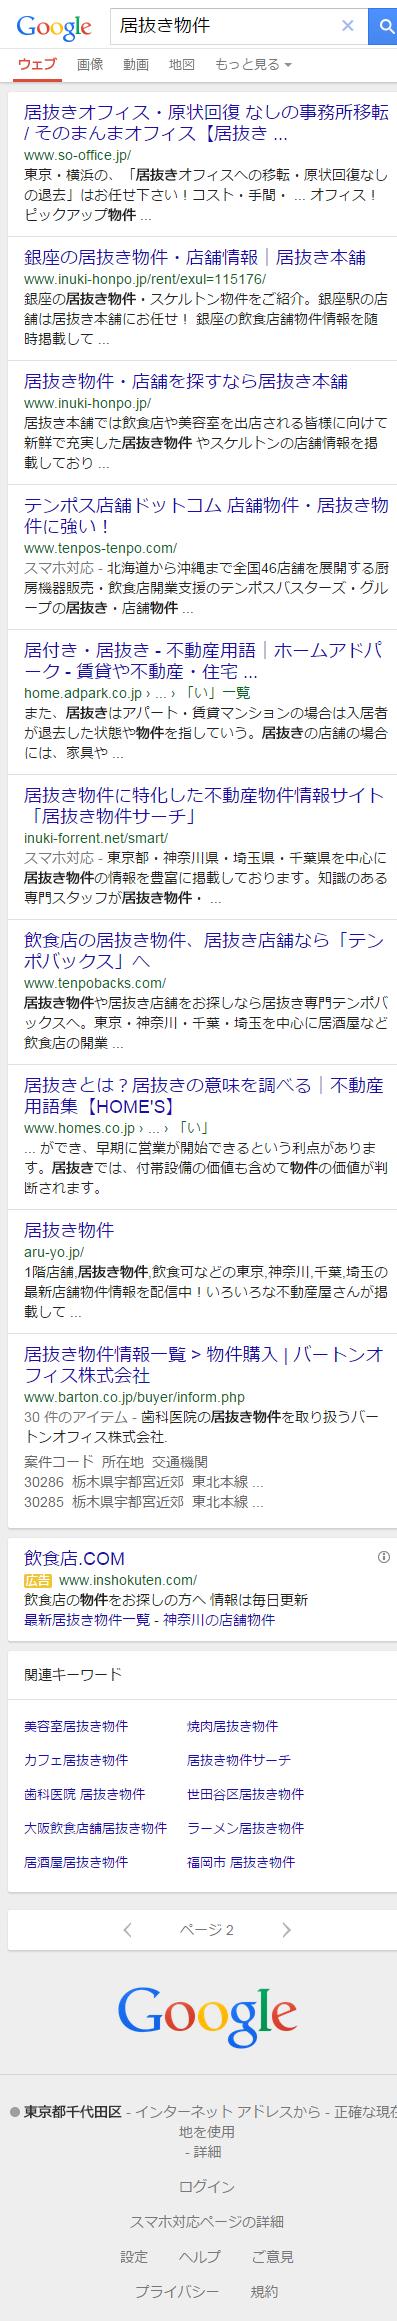 20150414_テンポバックス_居抜き物件   Google 検索